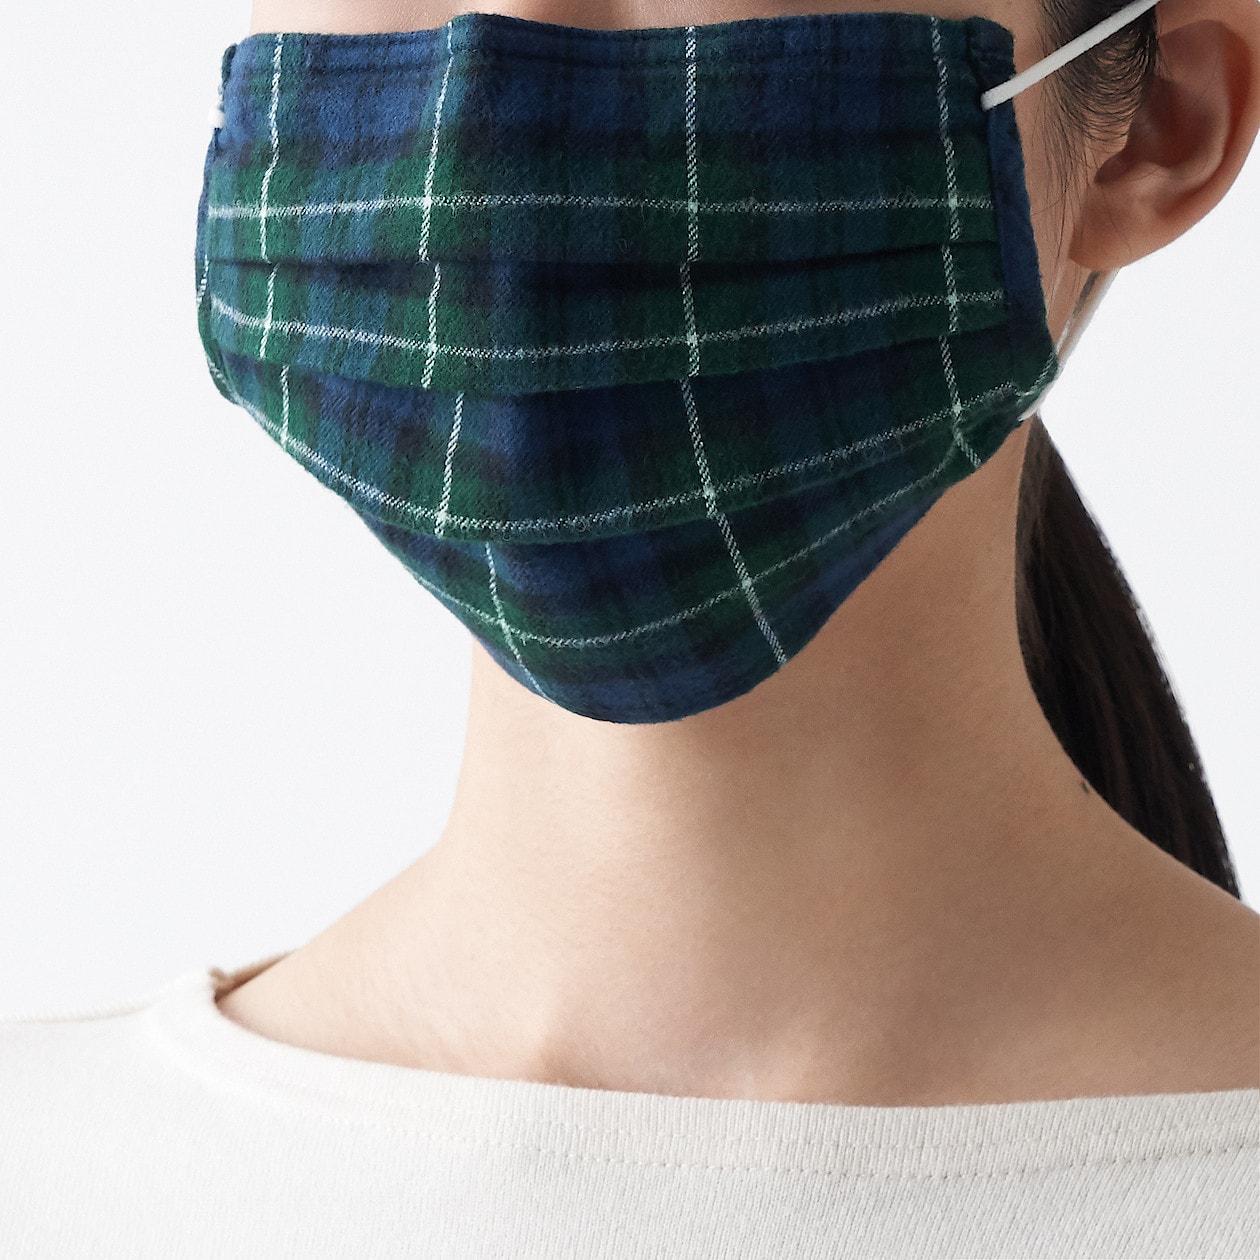 販売 マスク 無印 良品